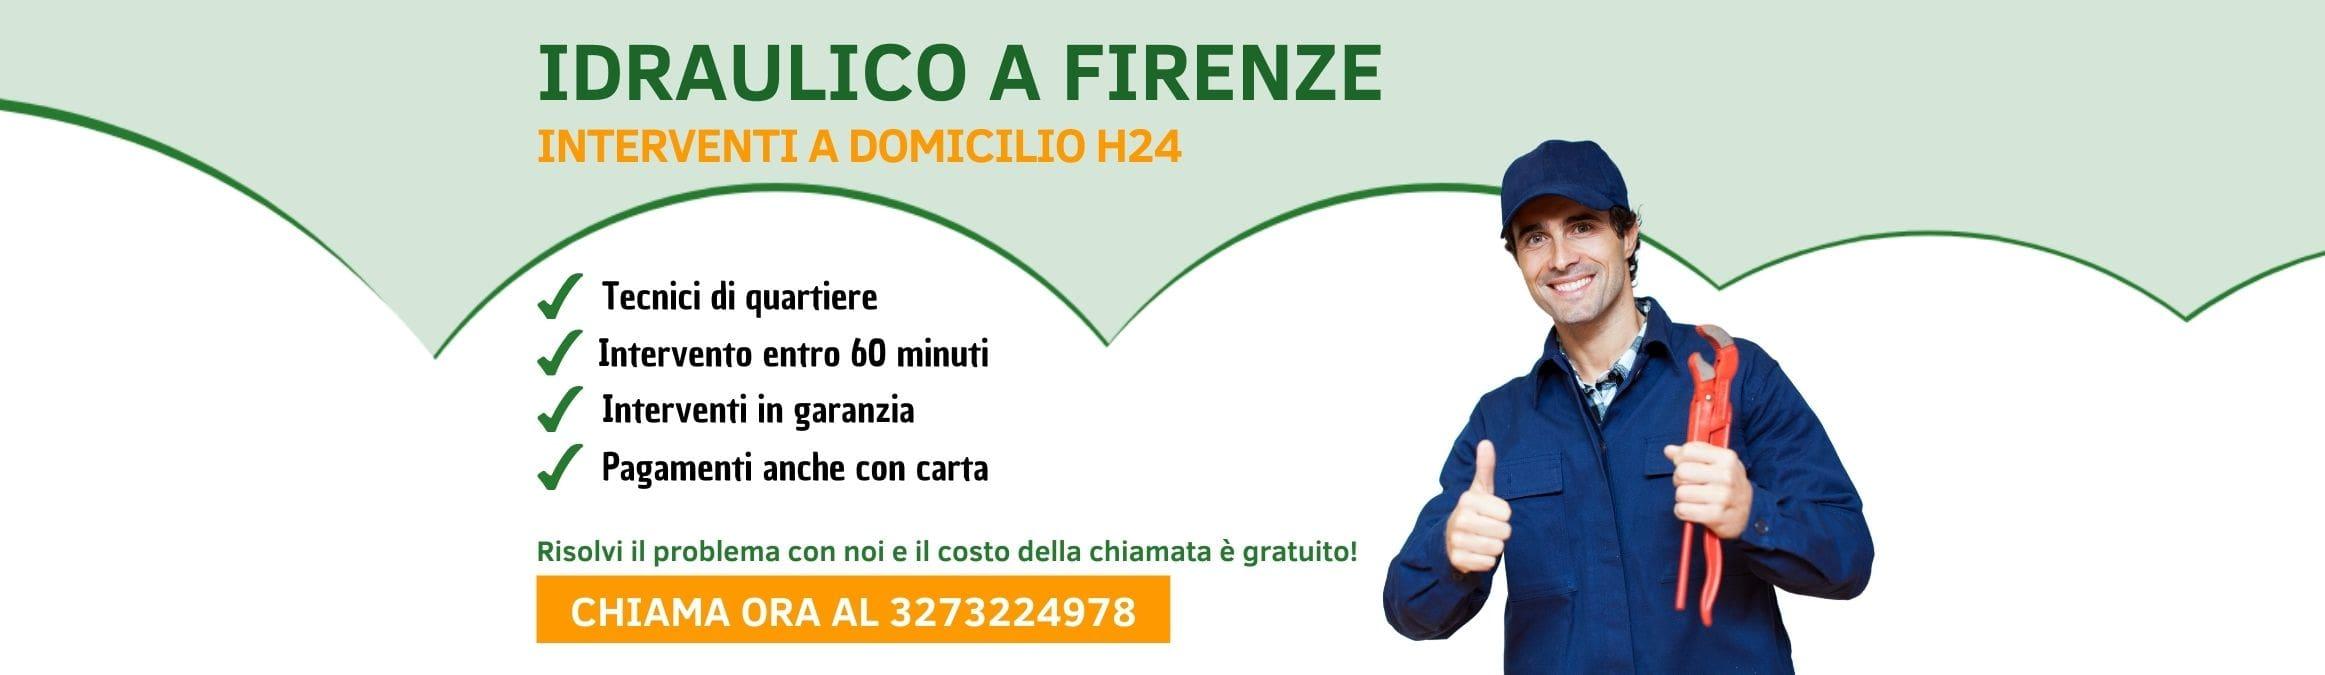 Idraulico a Firenze h24